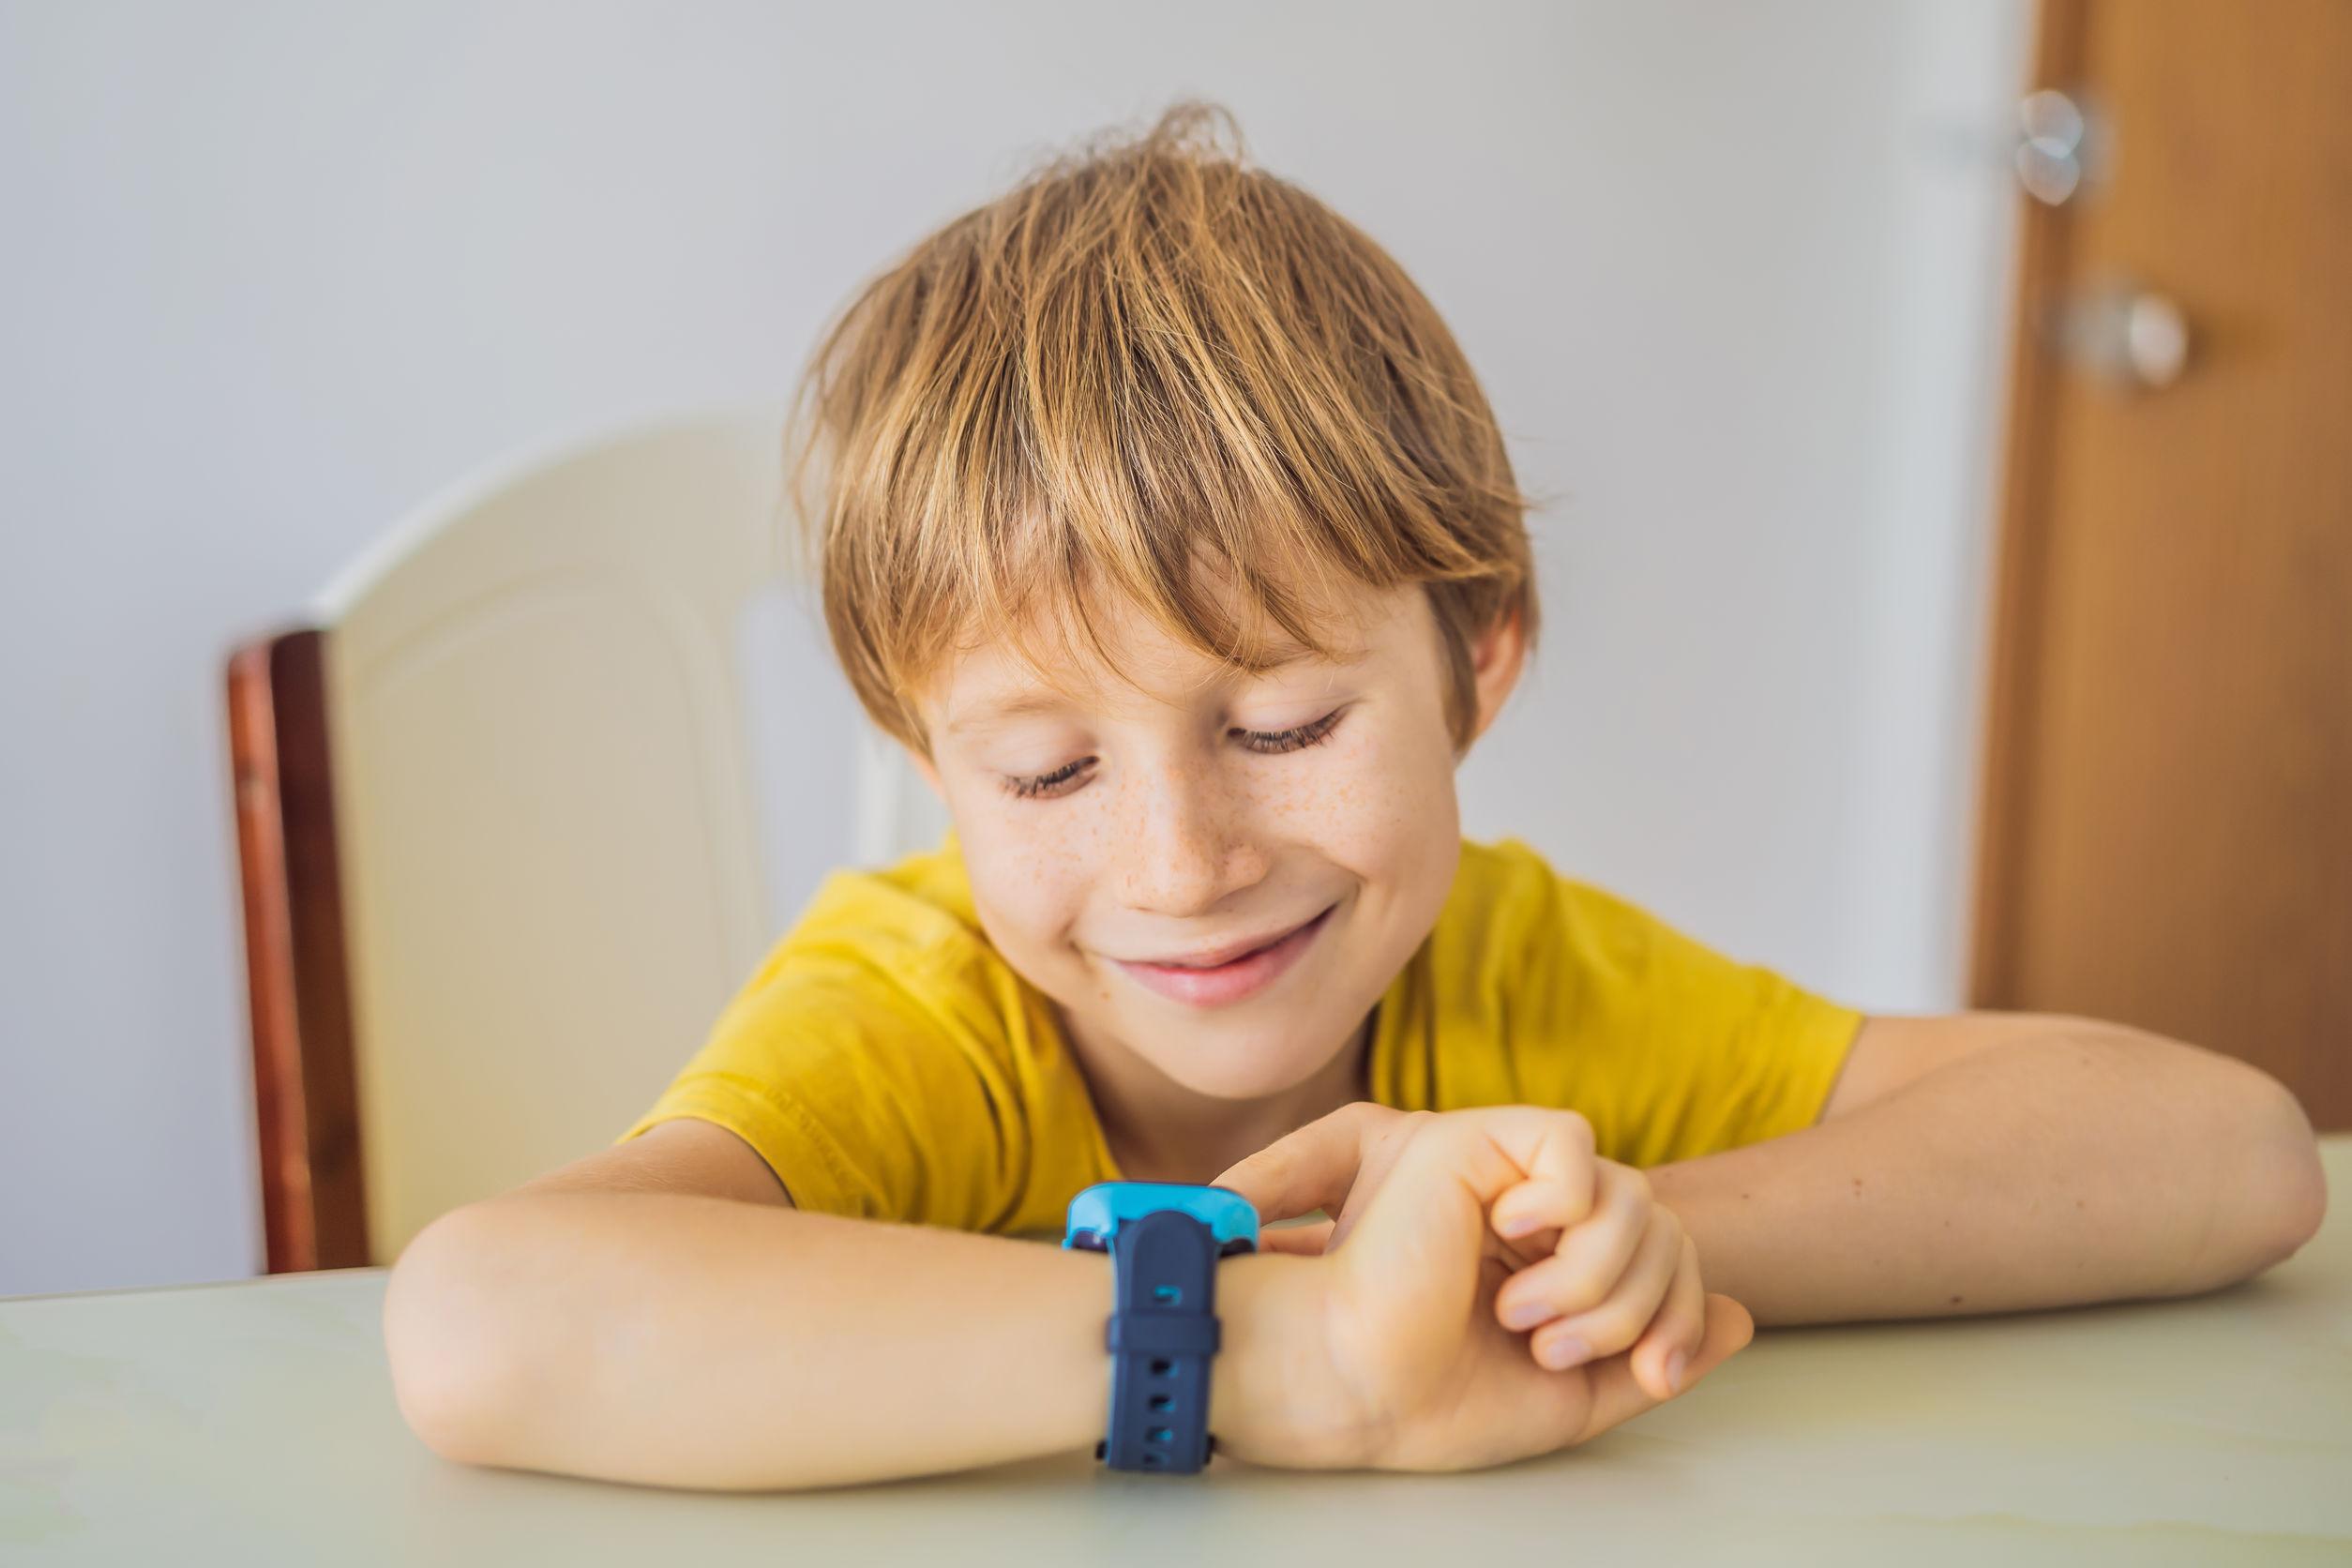 niño sentado en la mesa y mirando smartwatch.